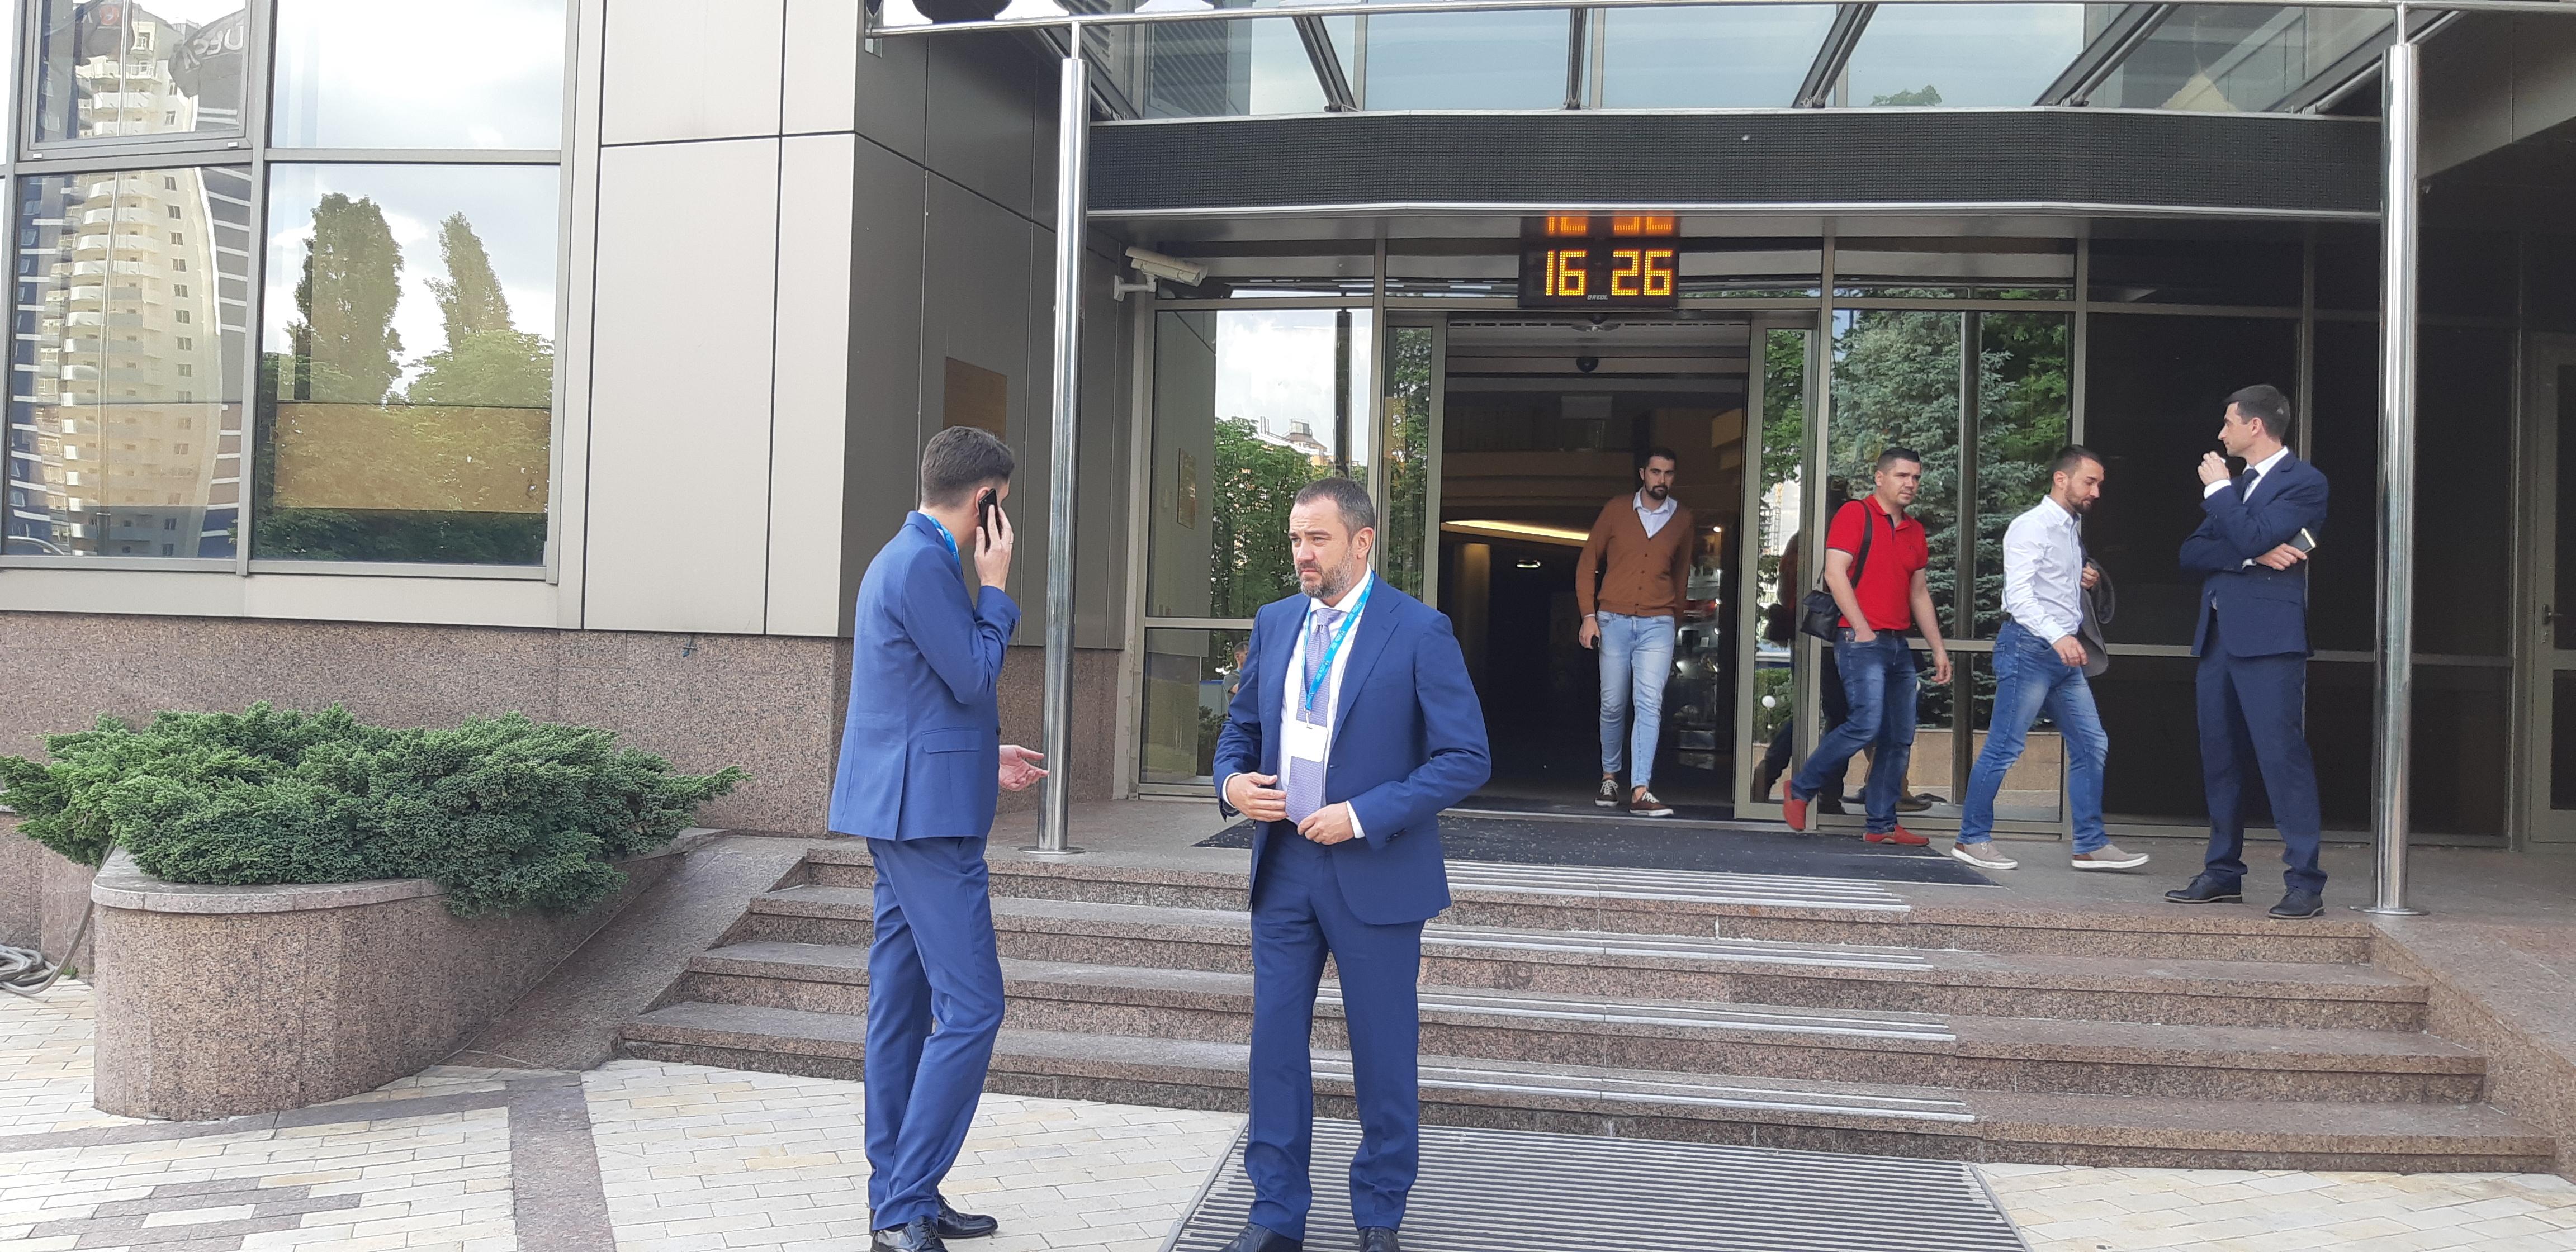 Лига чемпионов в Киеве, первый день: праздник, скандалы и драки (Фото, Видео) - изображение 1